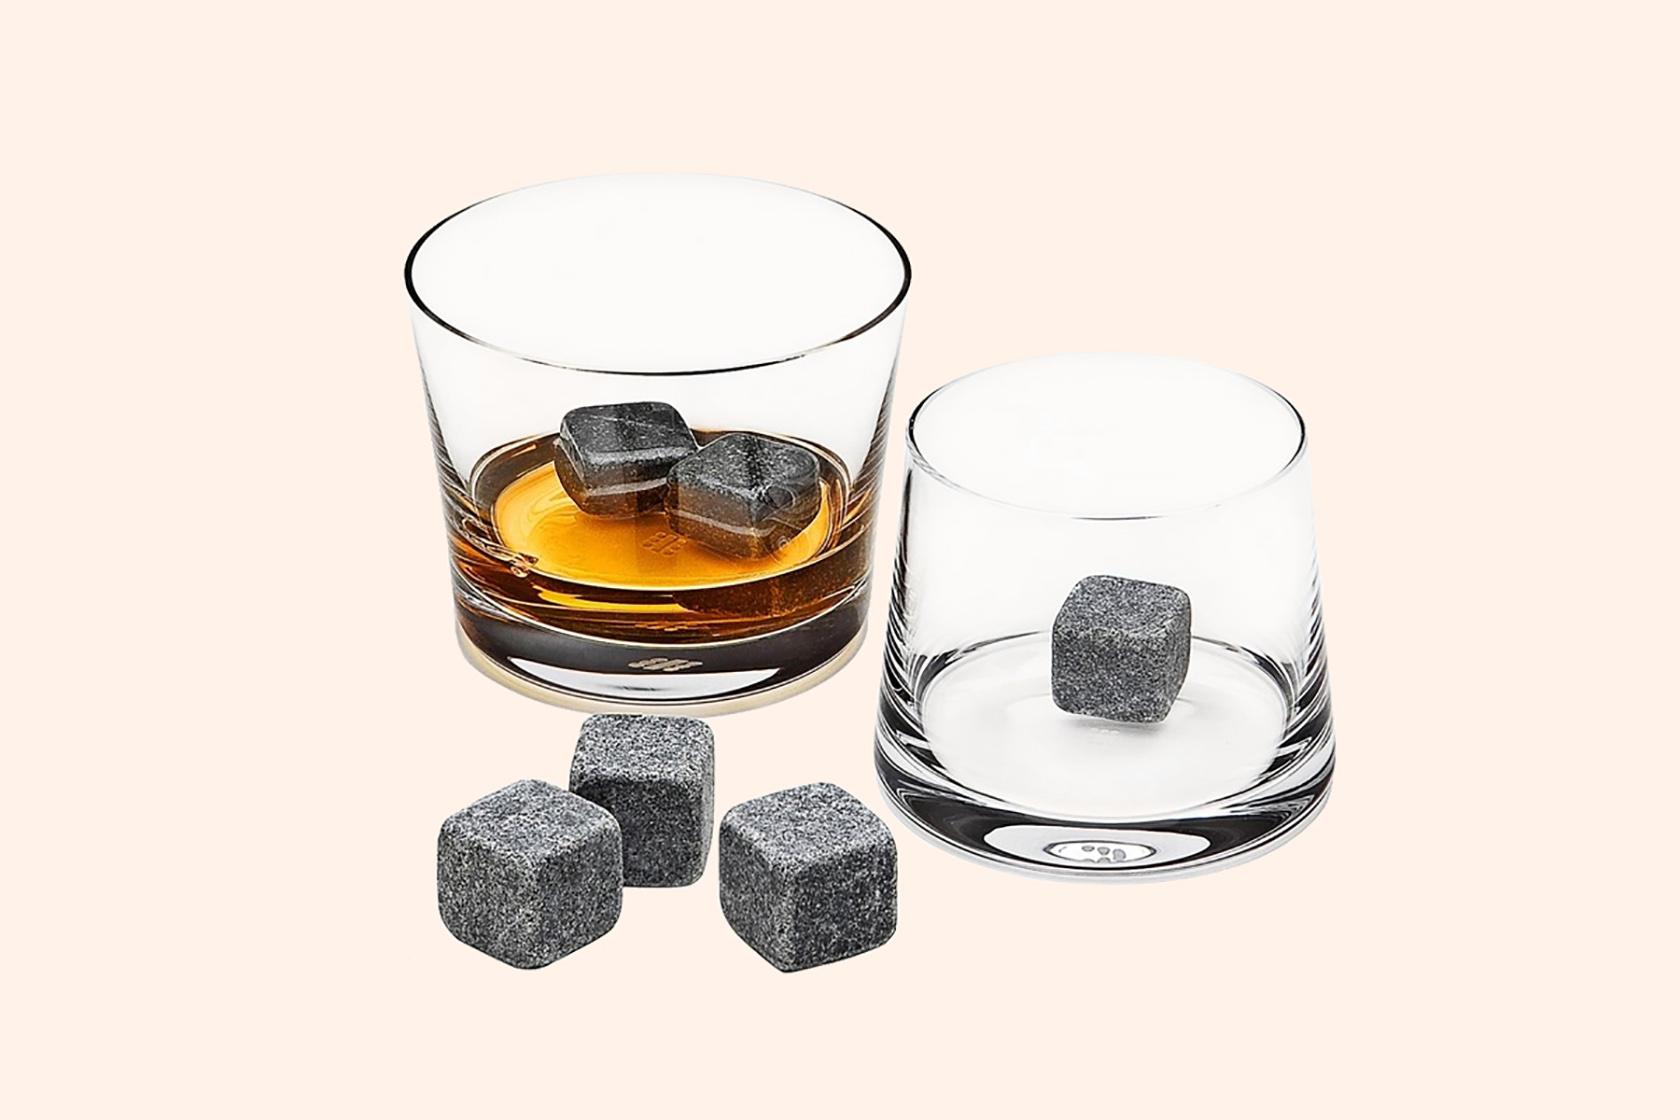 Камни для виски добавляют в стакан с плоским дном